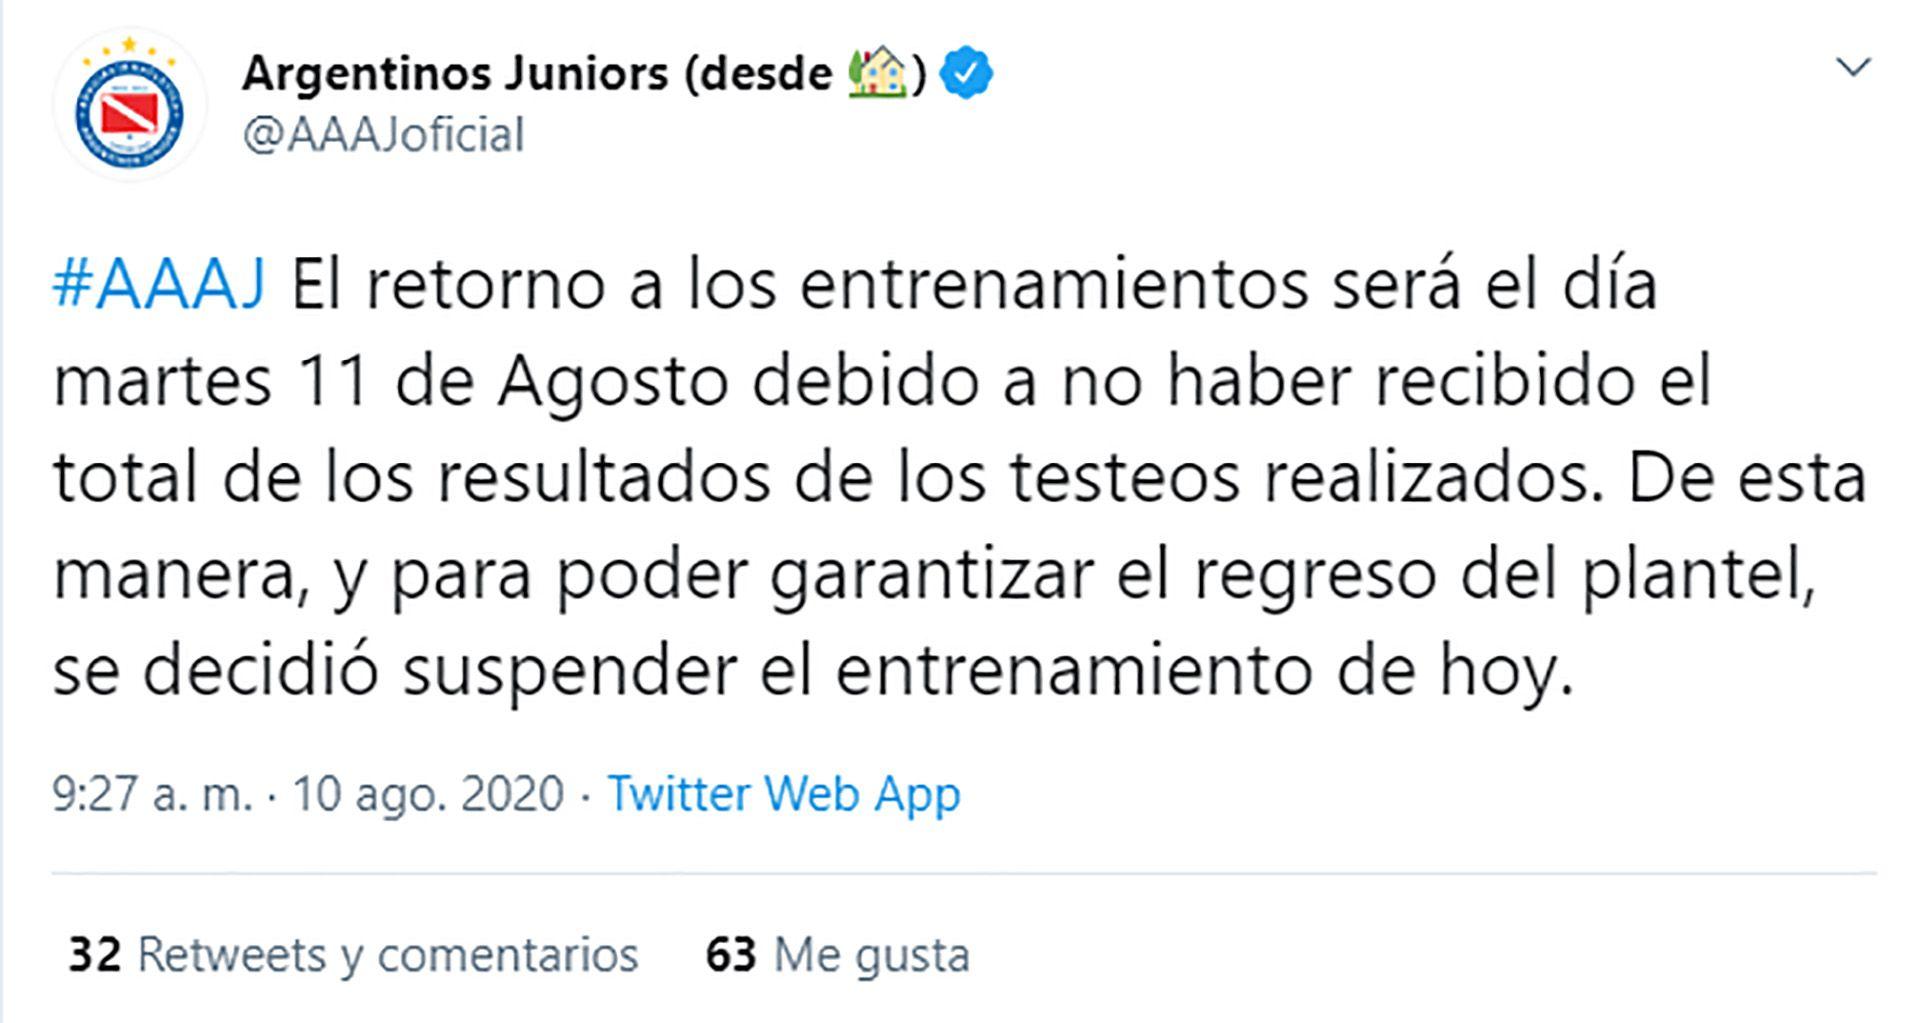 Vuelta Entrenamientos fútbol argentino